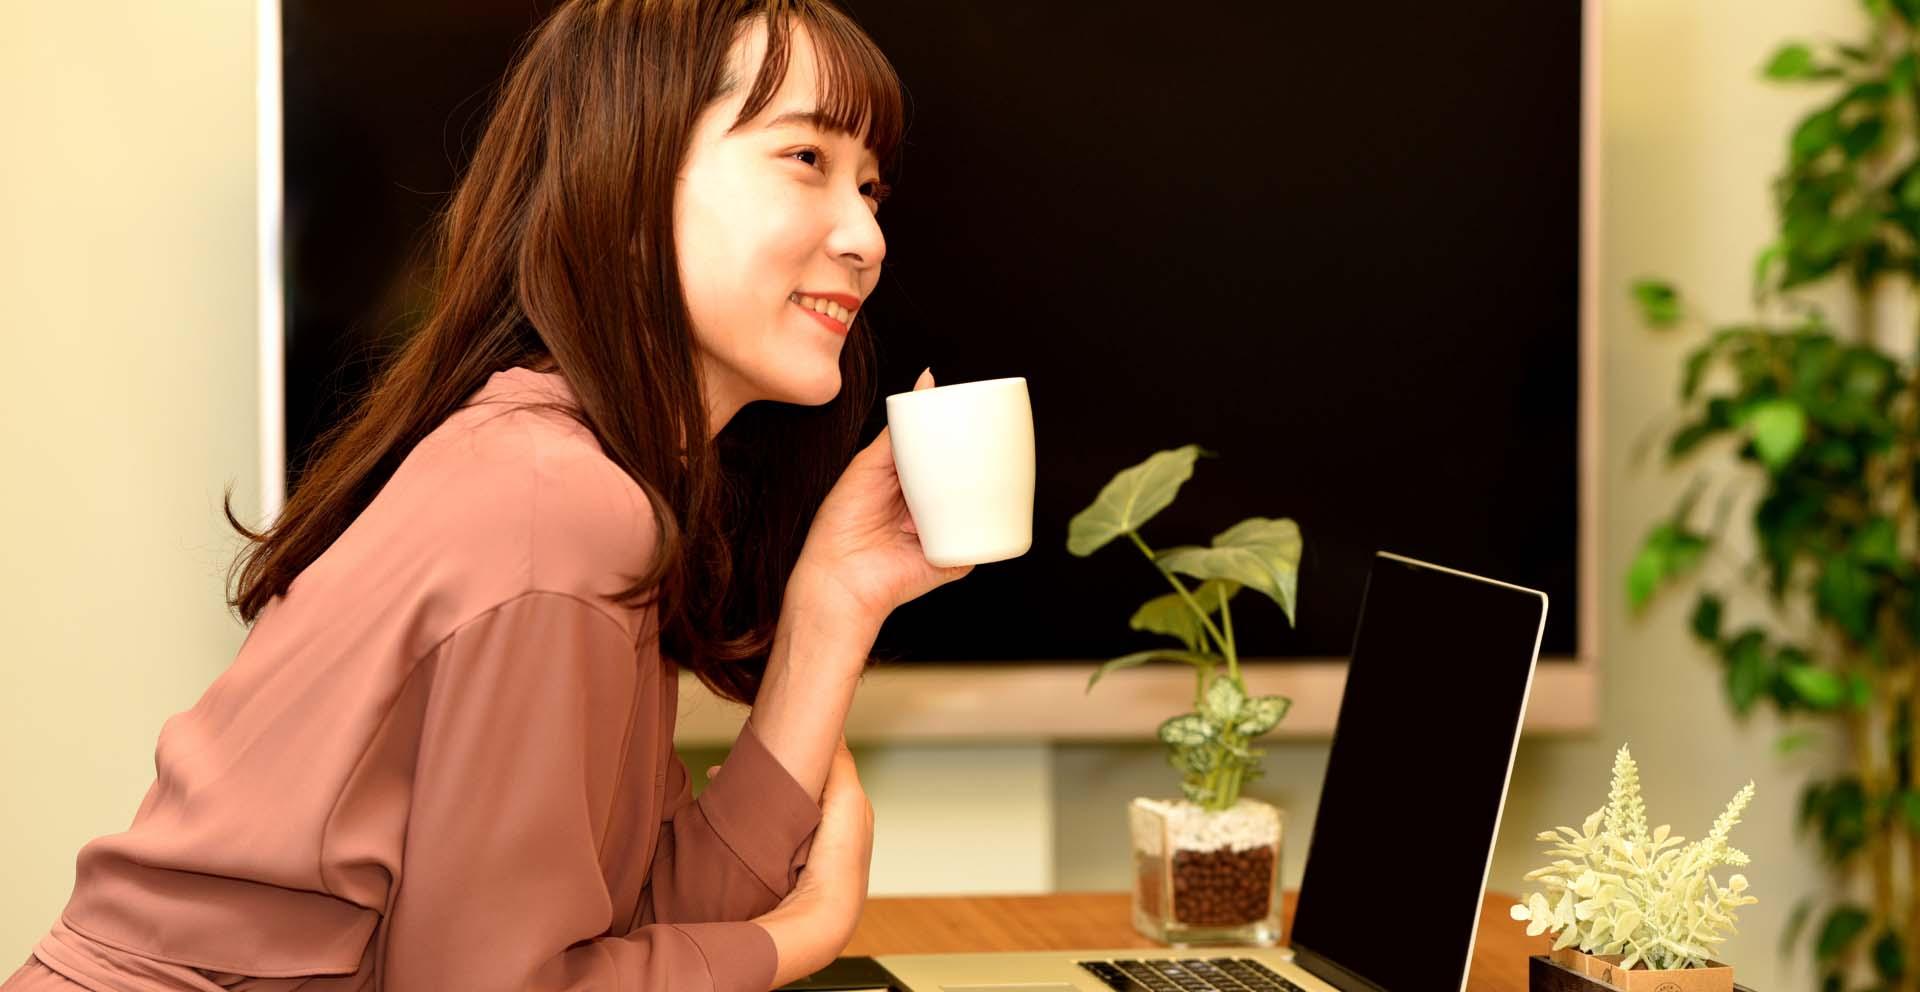 過度連線的數位生活讓你深感疲憊?找回大腦獨處的能力,有助於發想創意、解決問題、強化人際關係